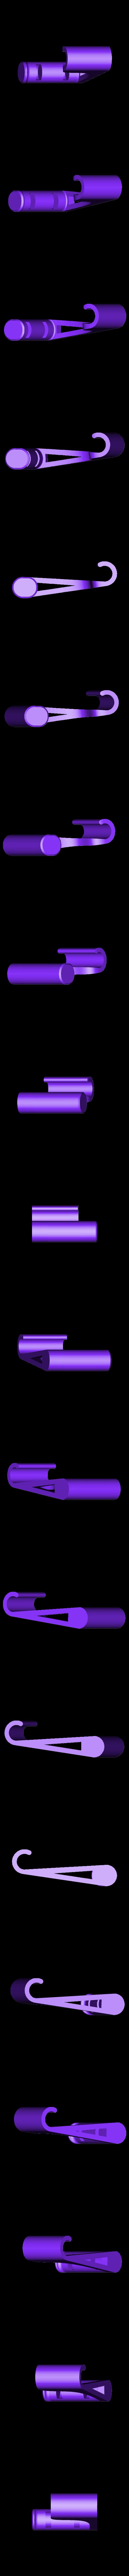 Spool Holder v4_Makerparts.stl Download free STL file Spool Holder Mount • 3D printer design, DimensionArg